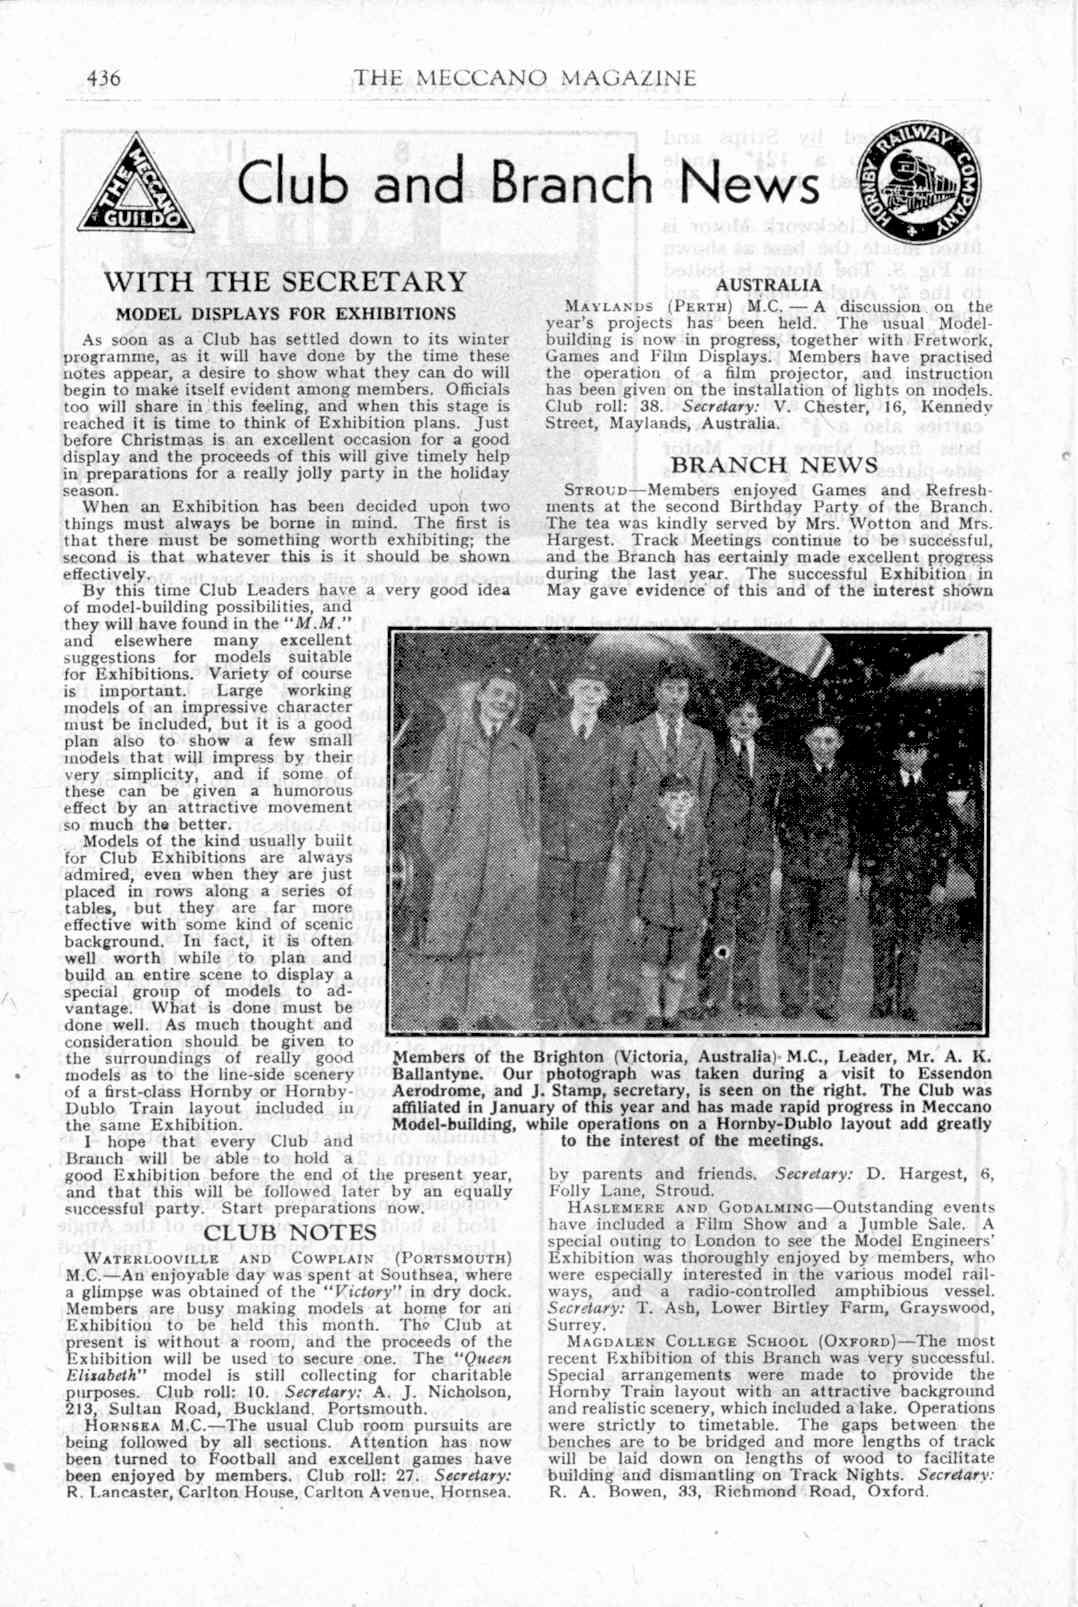 UK Meccano Magazine November 1949 Page 436